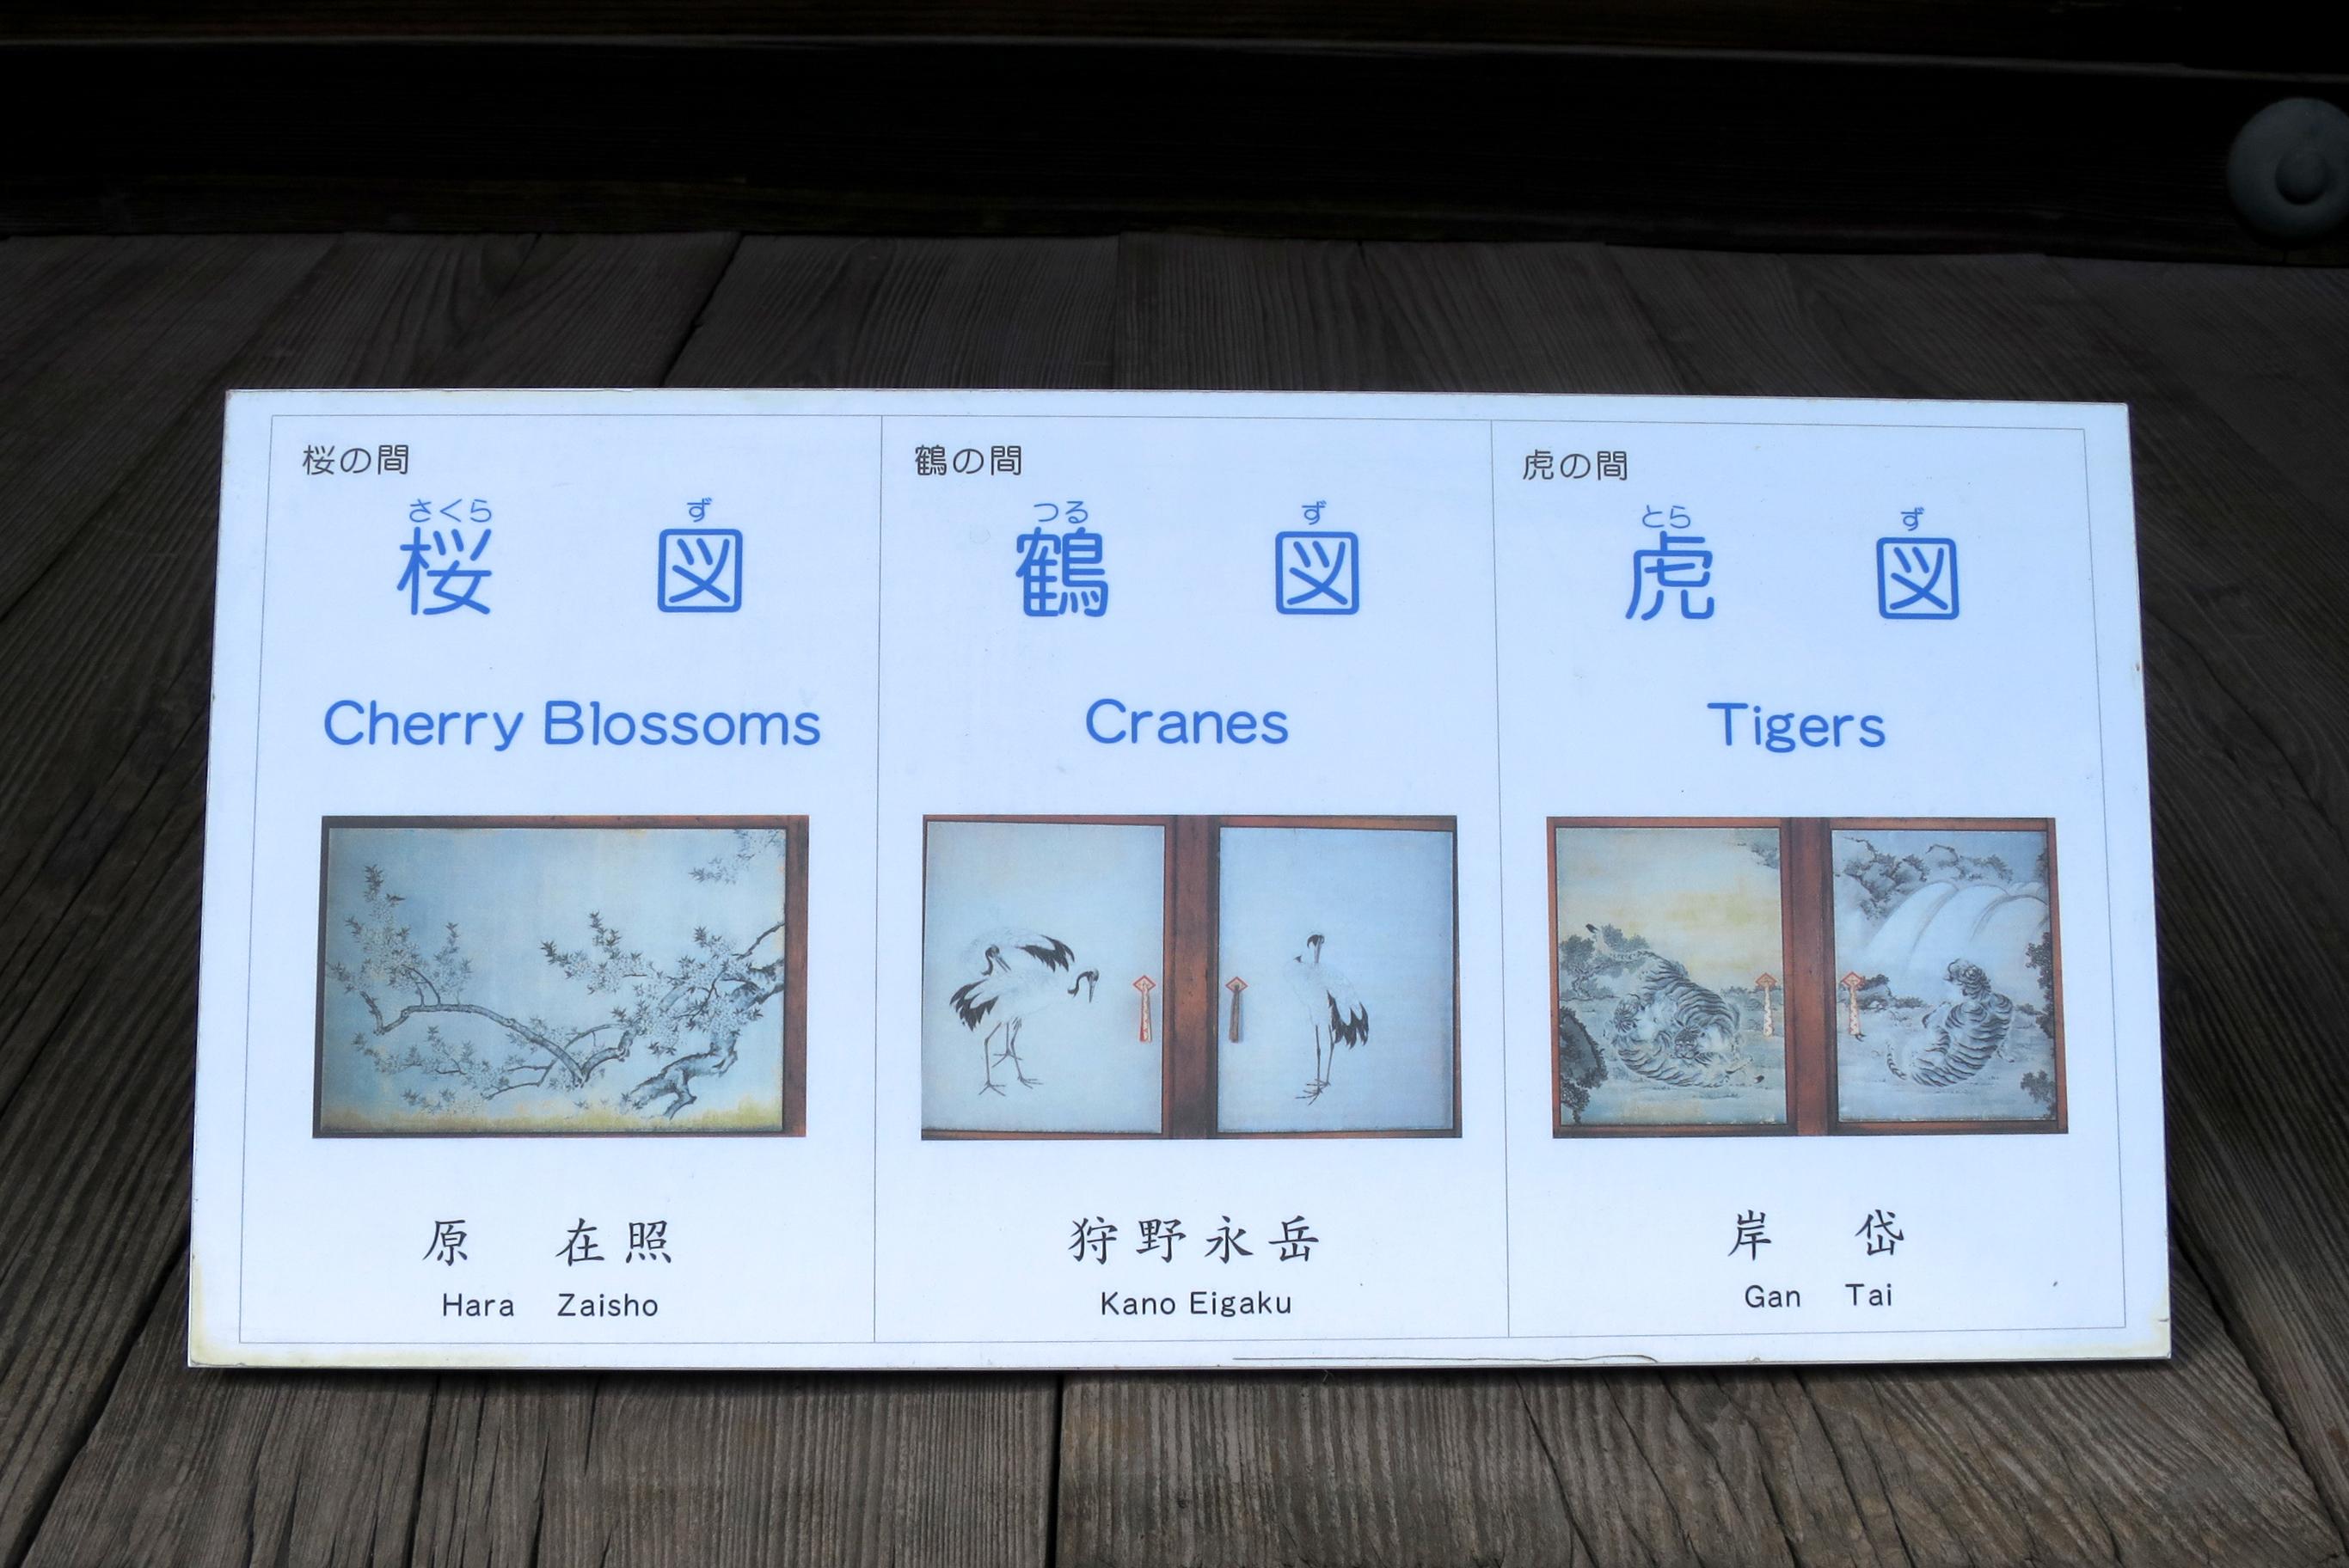 虎の間、鶴の間、桜の間の3つとなります。虎の間が身分の最も高い人の控室。